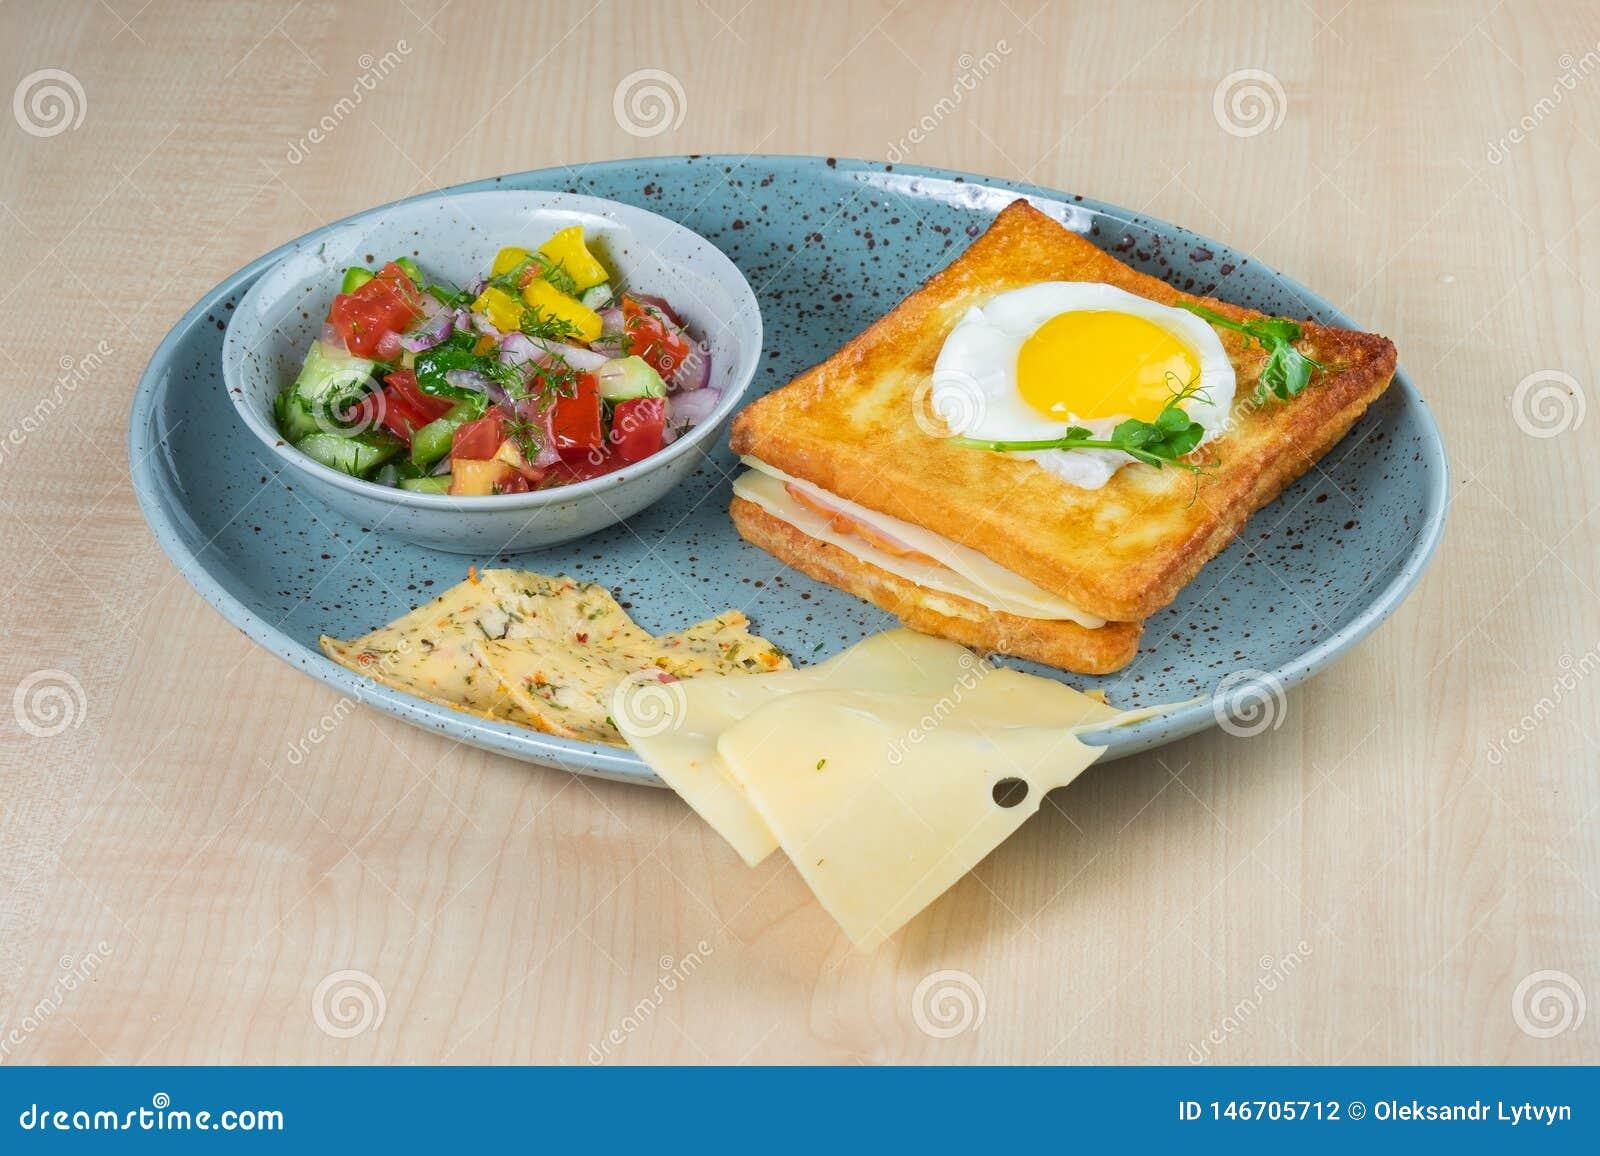 荷包蛋和火腿三明治、蕃茄、黄瓜和胡椒沙拉和乳酪在板材